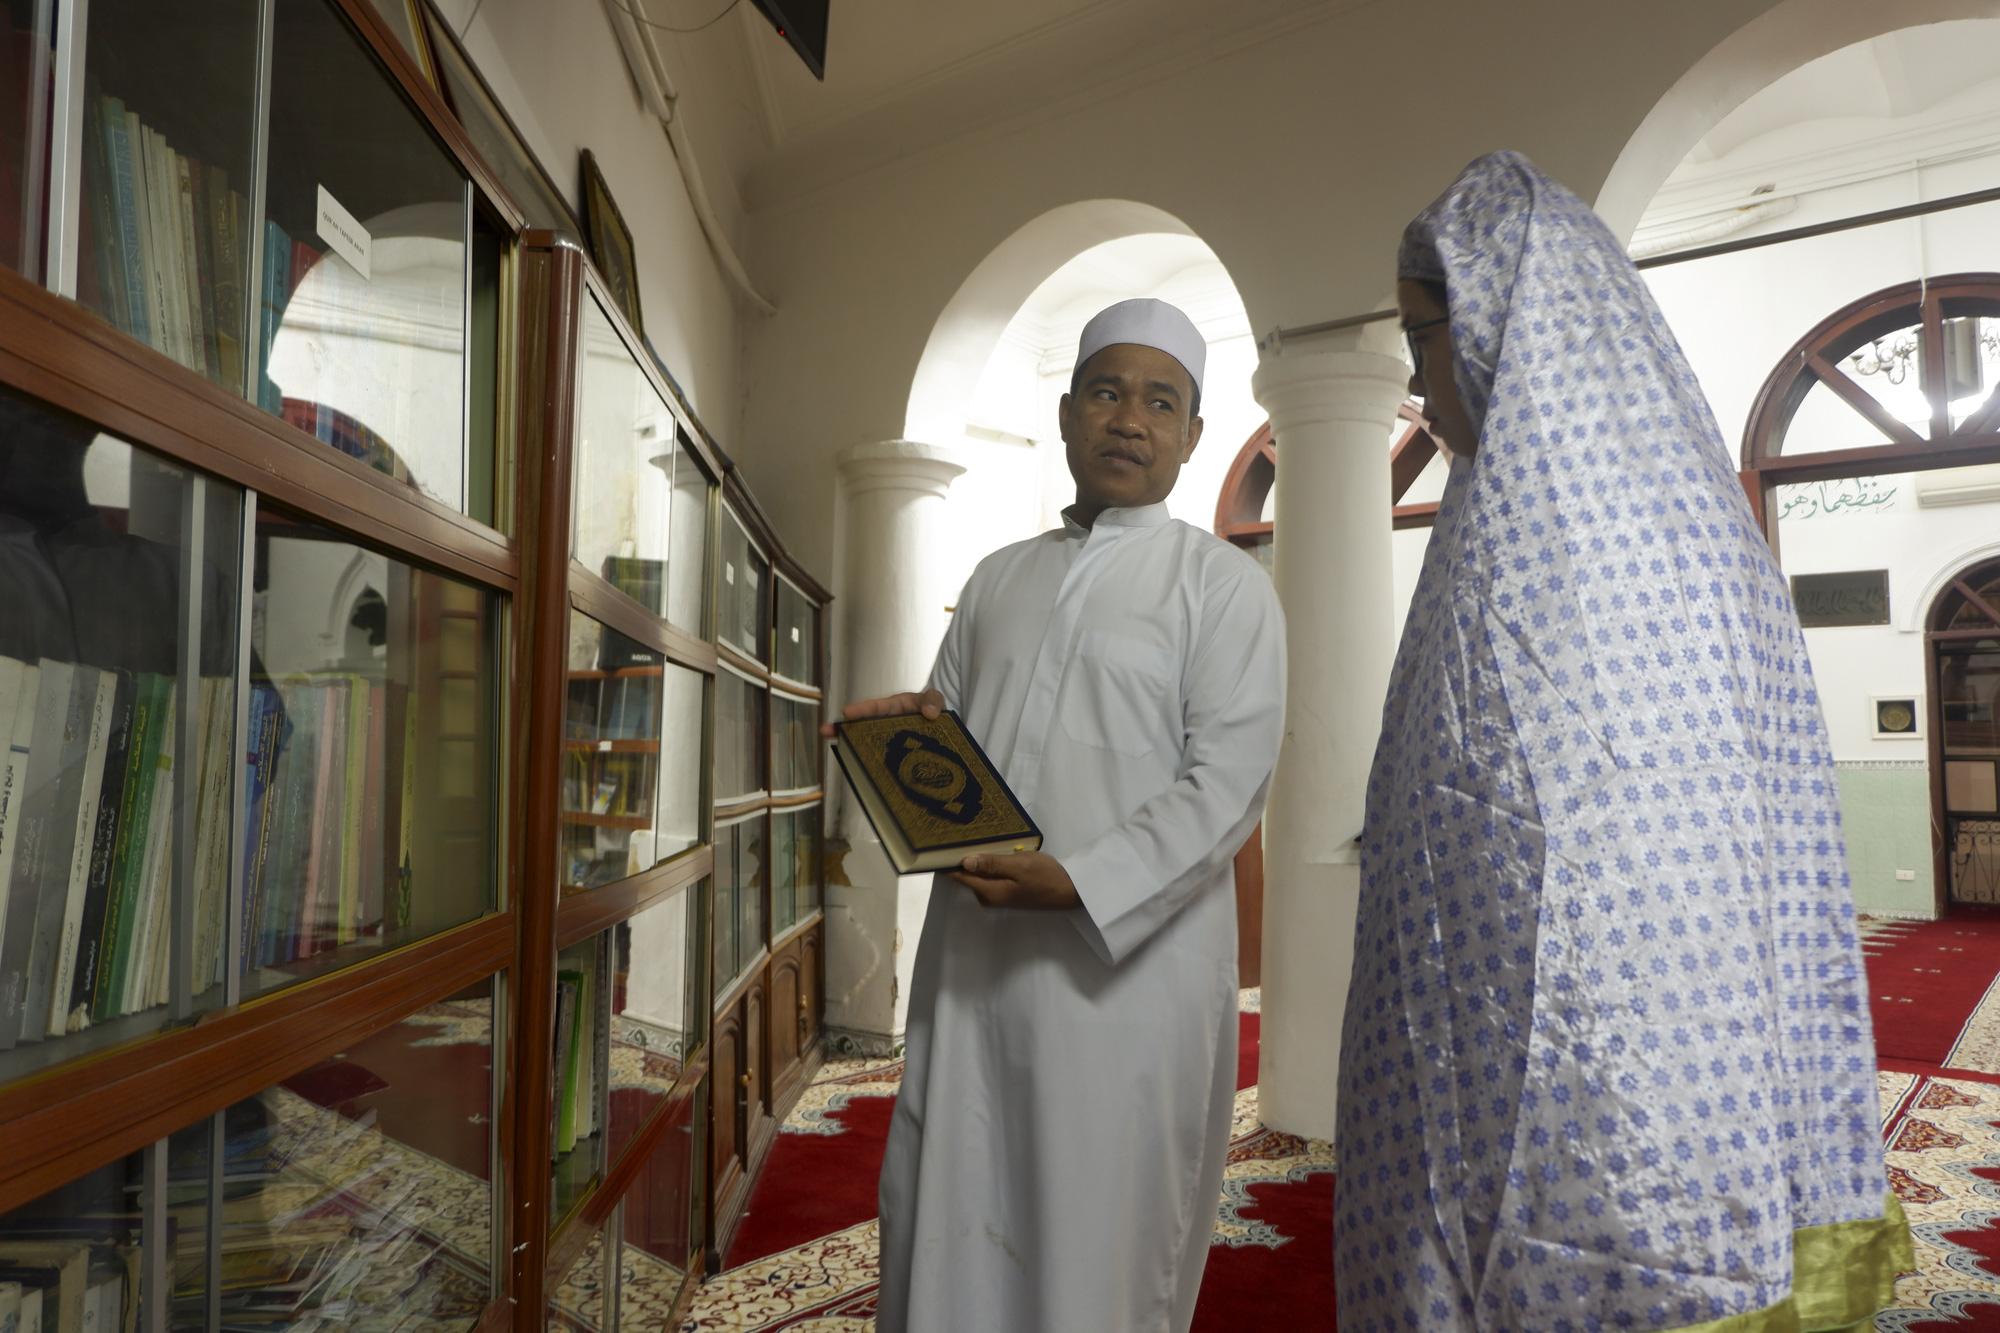 Thánh đường Hồi giáo - Ảnh 5.